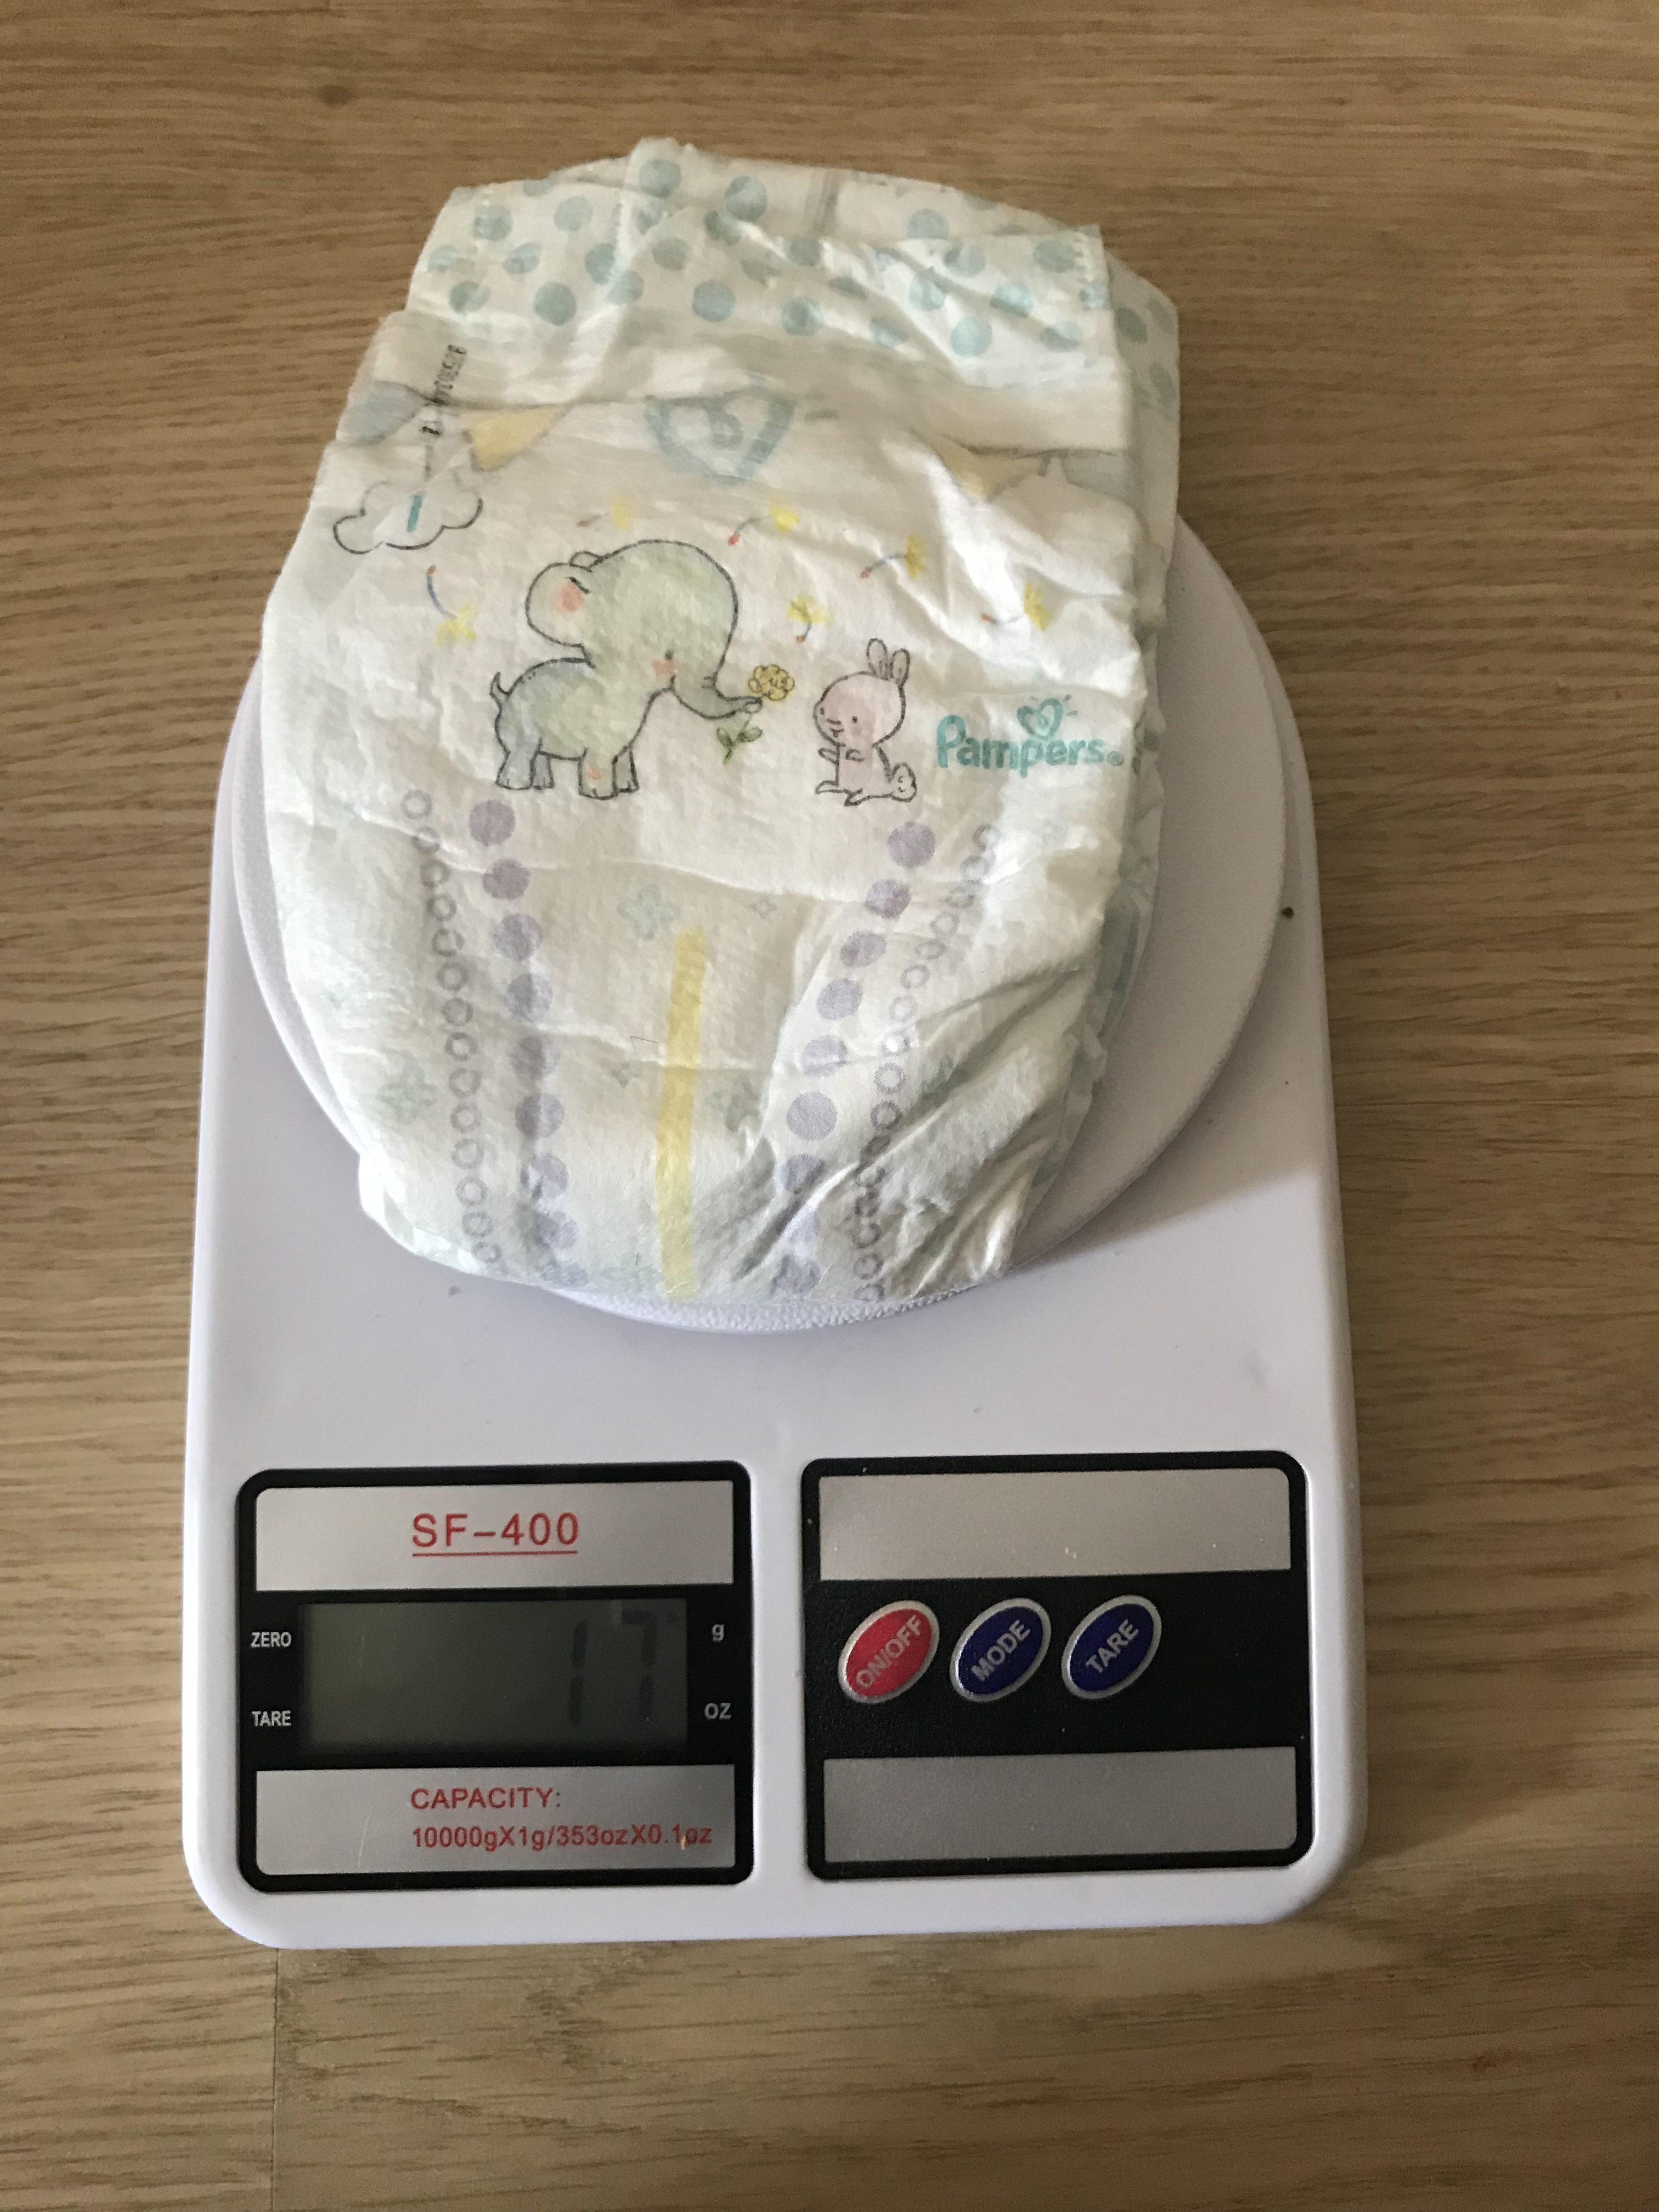 вес детского подгузника малого размера